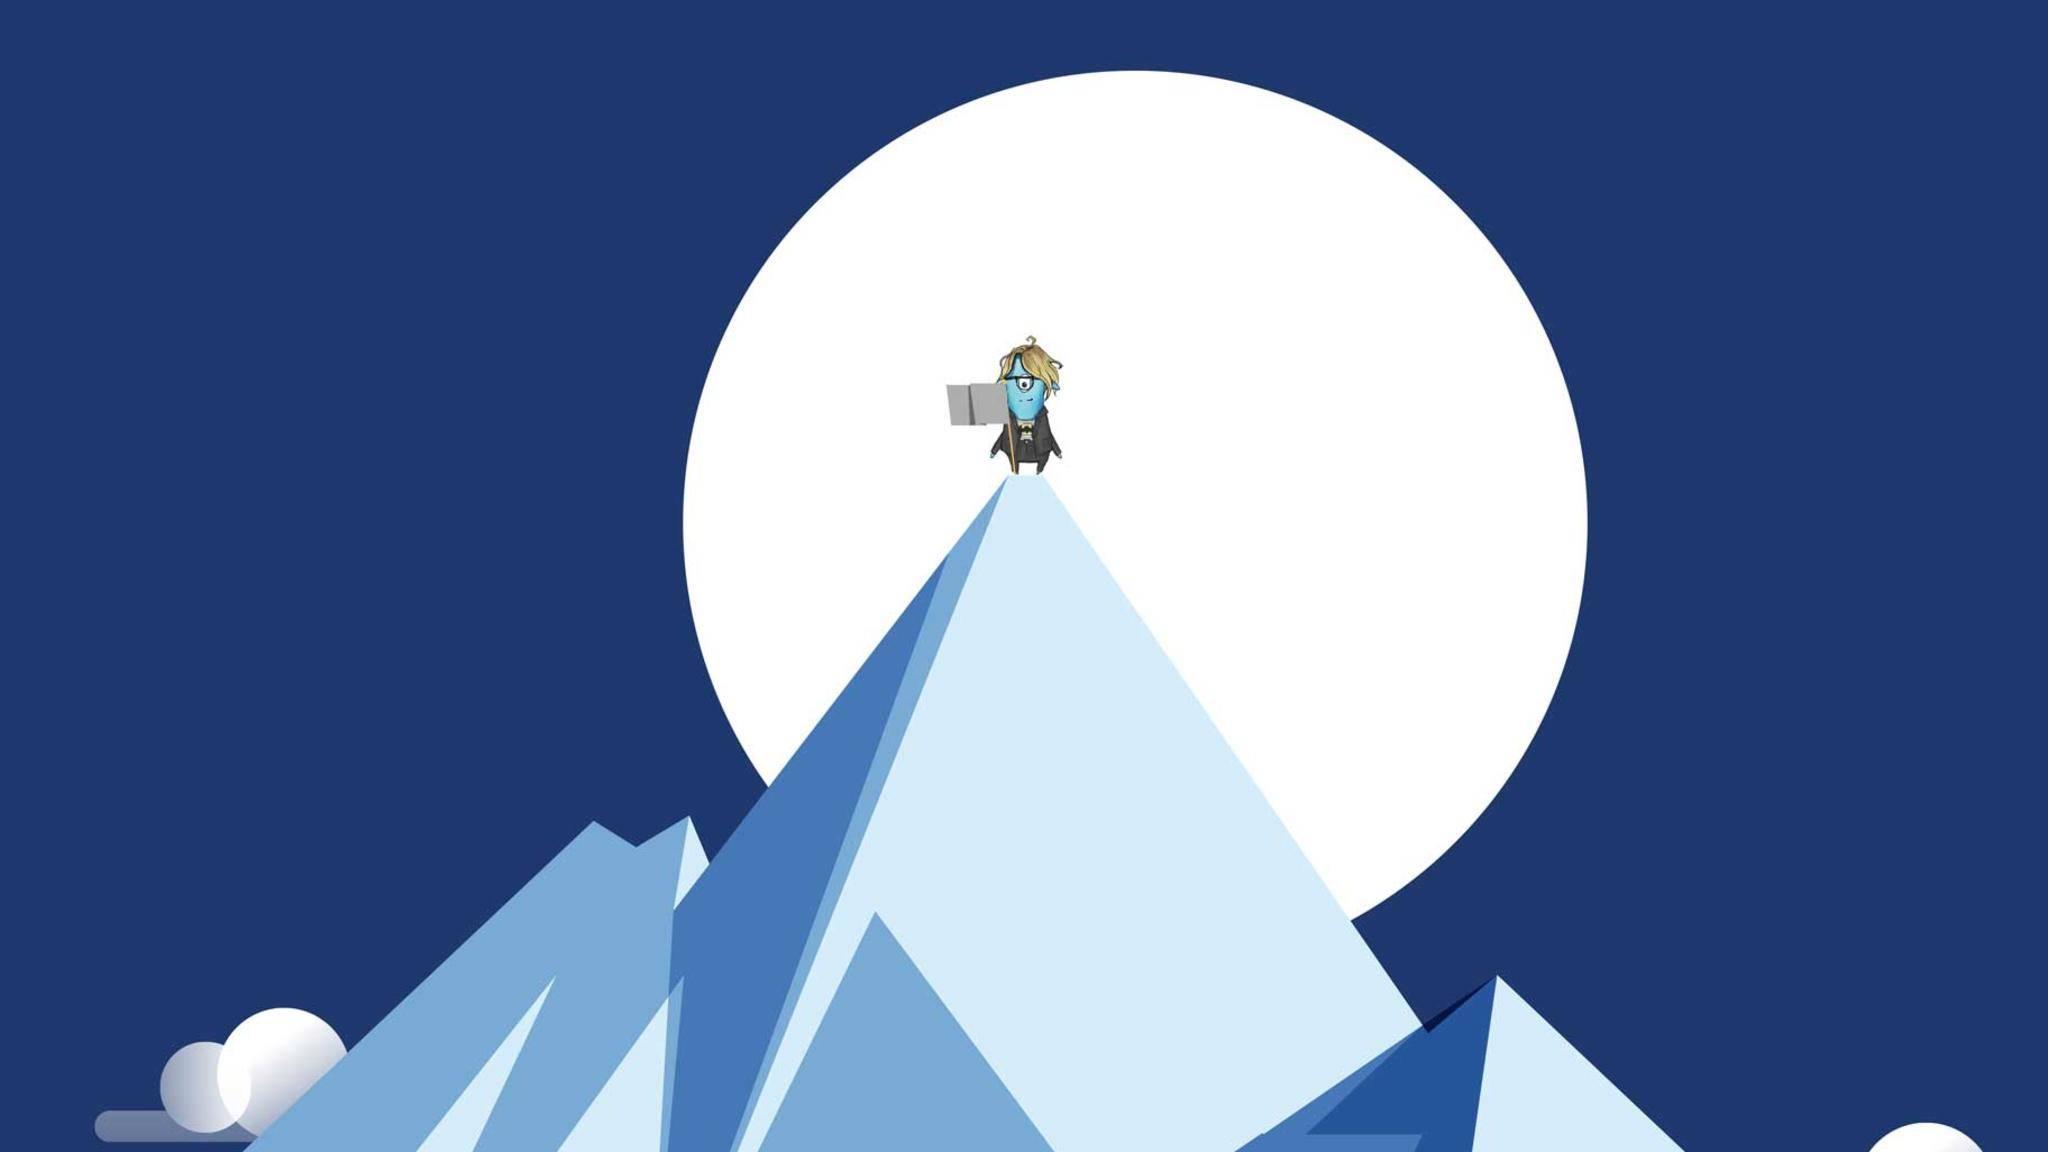 """Prof. Dr. Linda Breitlauch gibt es auch als Game-Charakter, in unterschiedlichen Versionen illustriert von ihren Studenten. Hier ist sie als """"Blue Minion"""" zu sehen."""